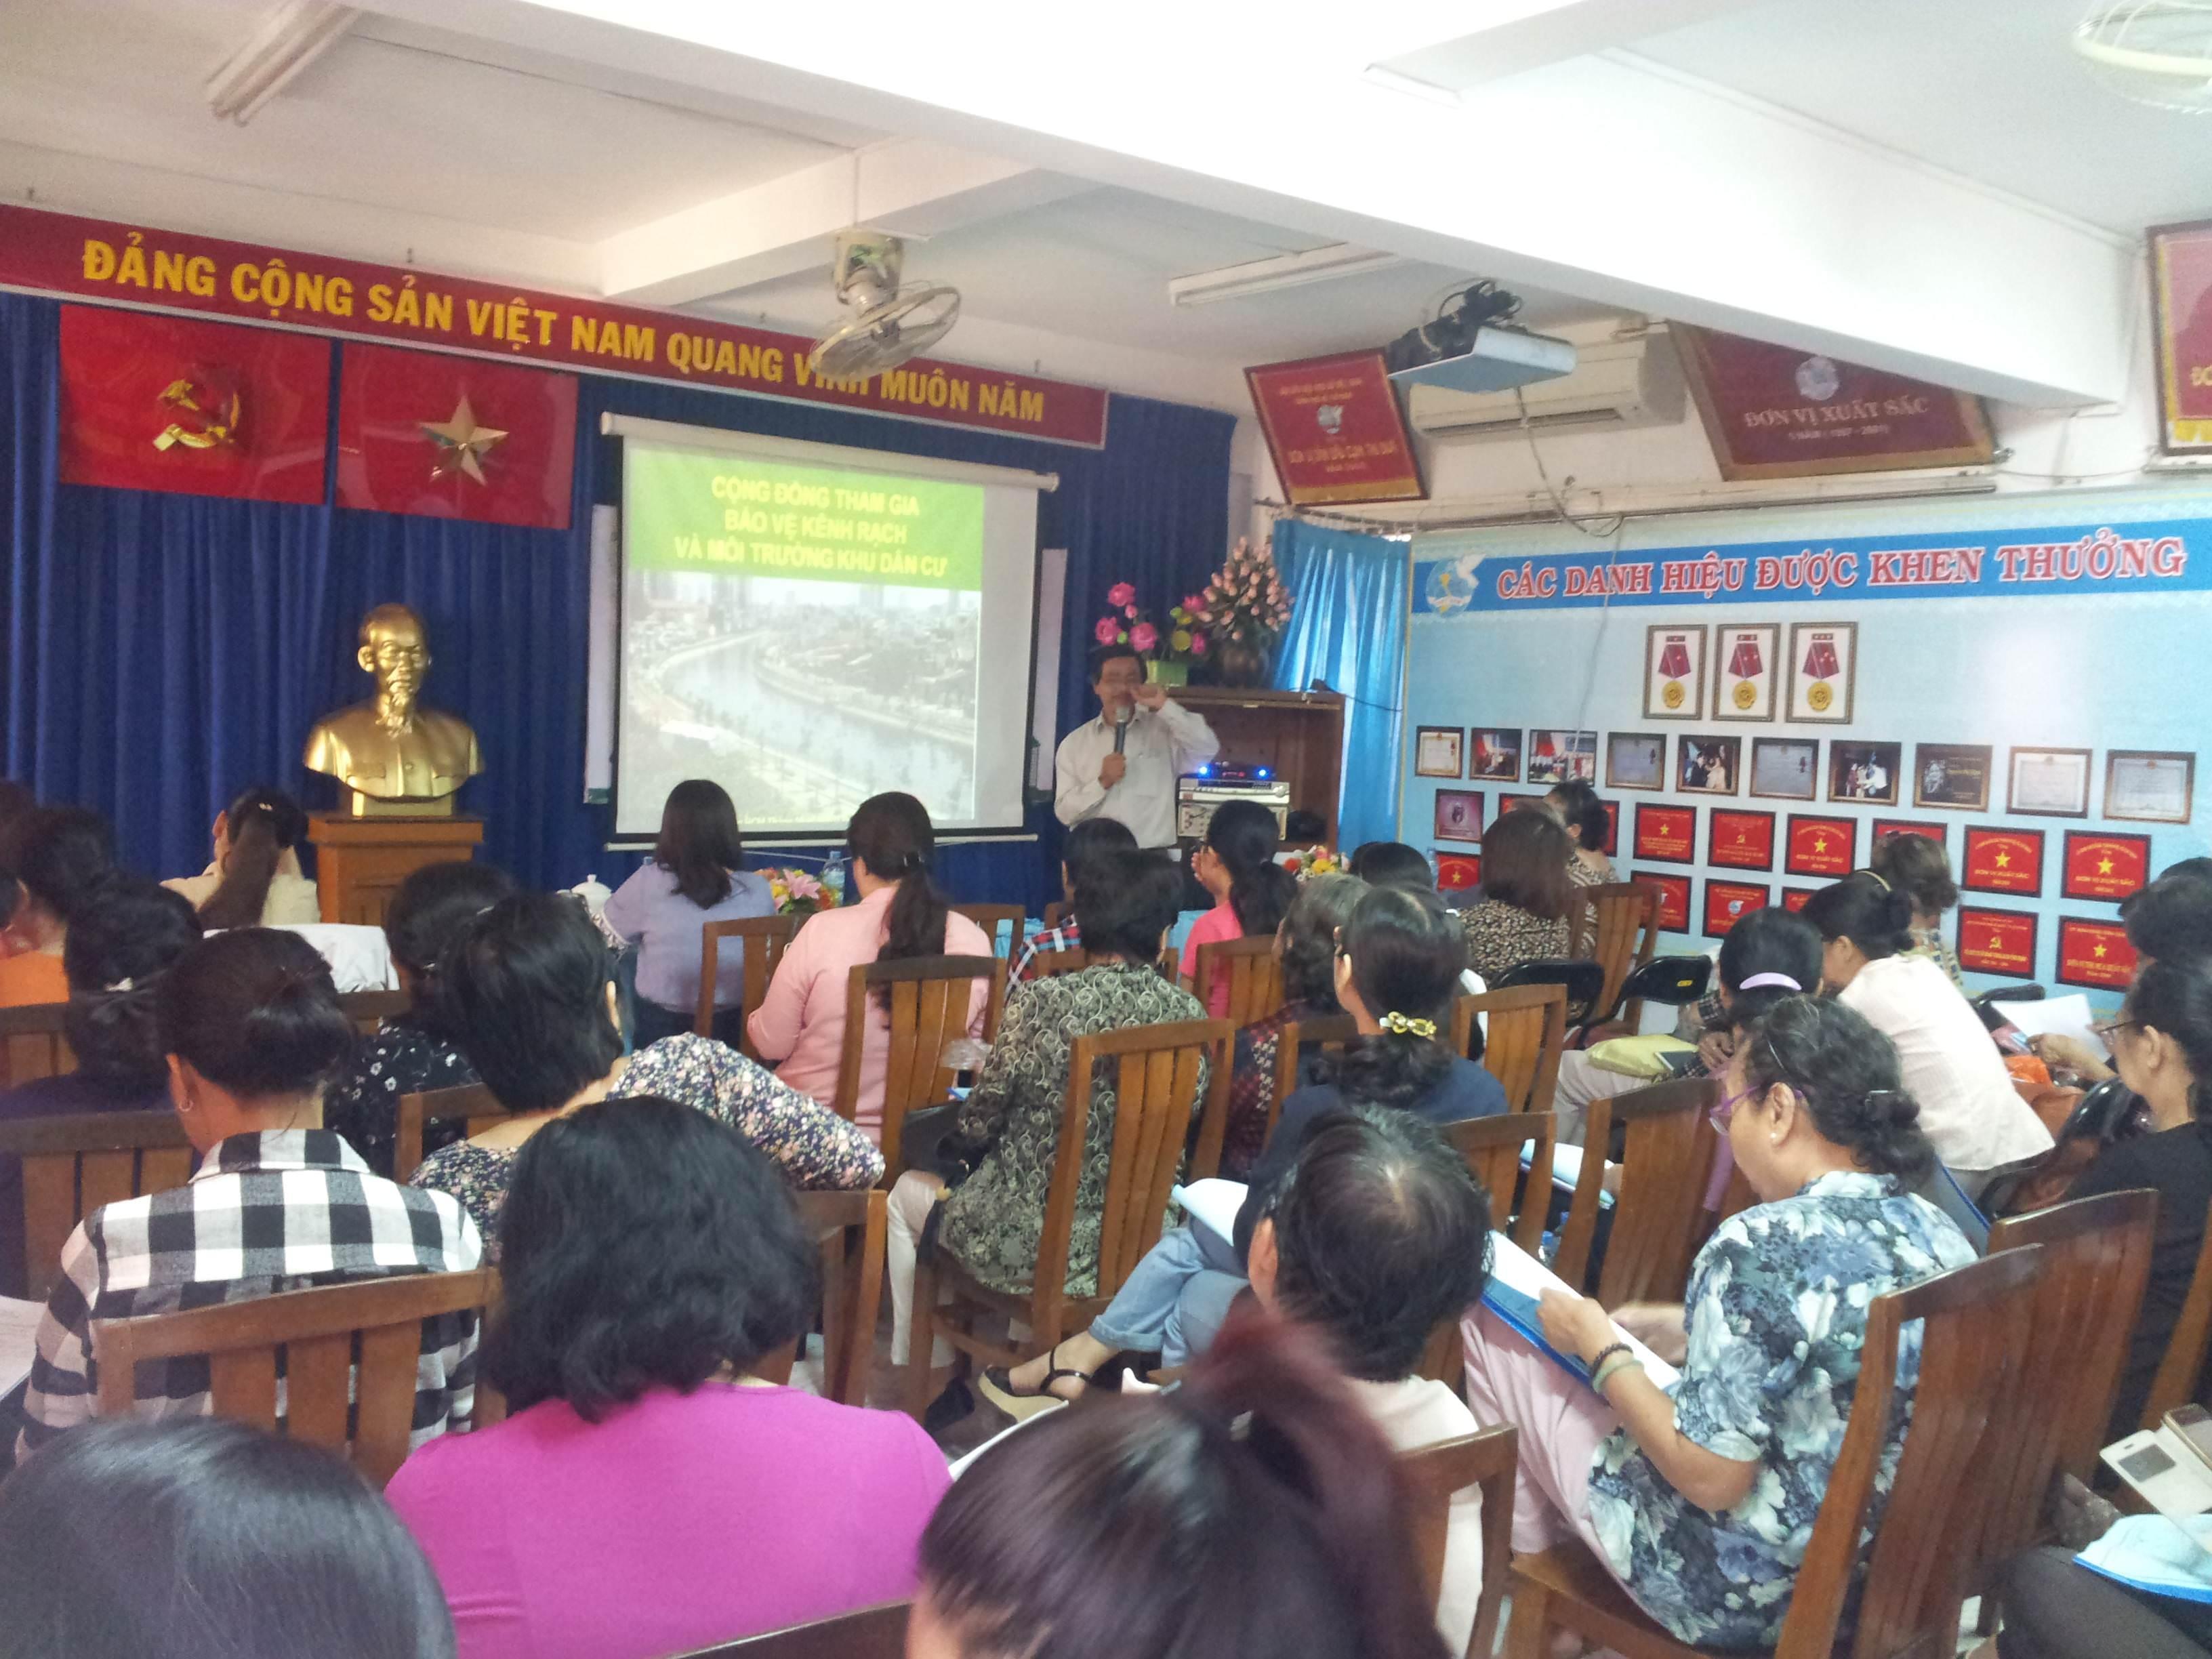 Buổi tập huấn kiến thức môi trường tổ chức bởi Chi cụcBảo vệmôi trườngThành phố Hồ Chí Minh, thực hiện bởi Công ty Cổ phần Phát triển GRECO đồng phối